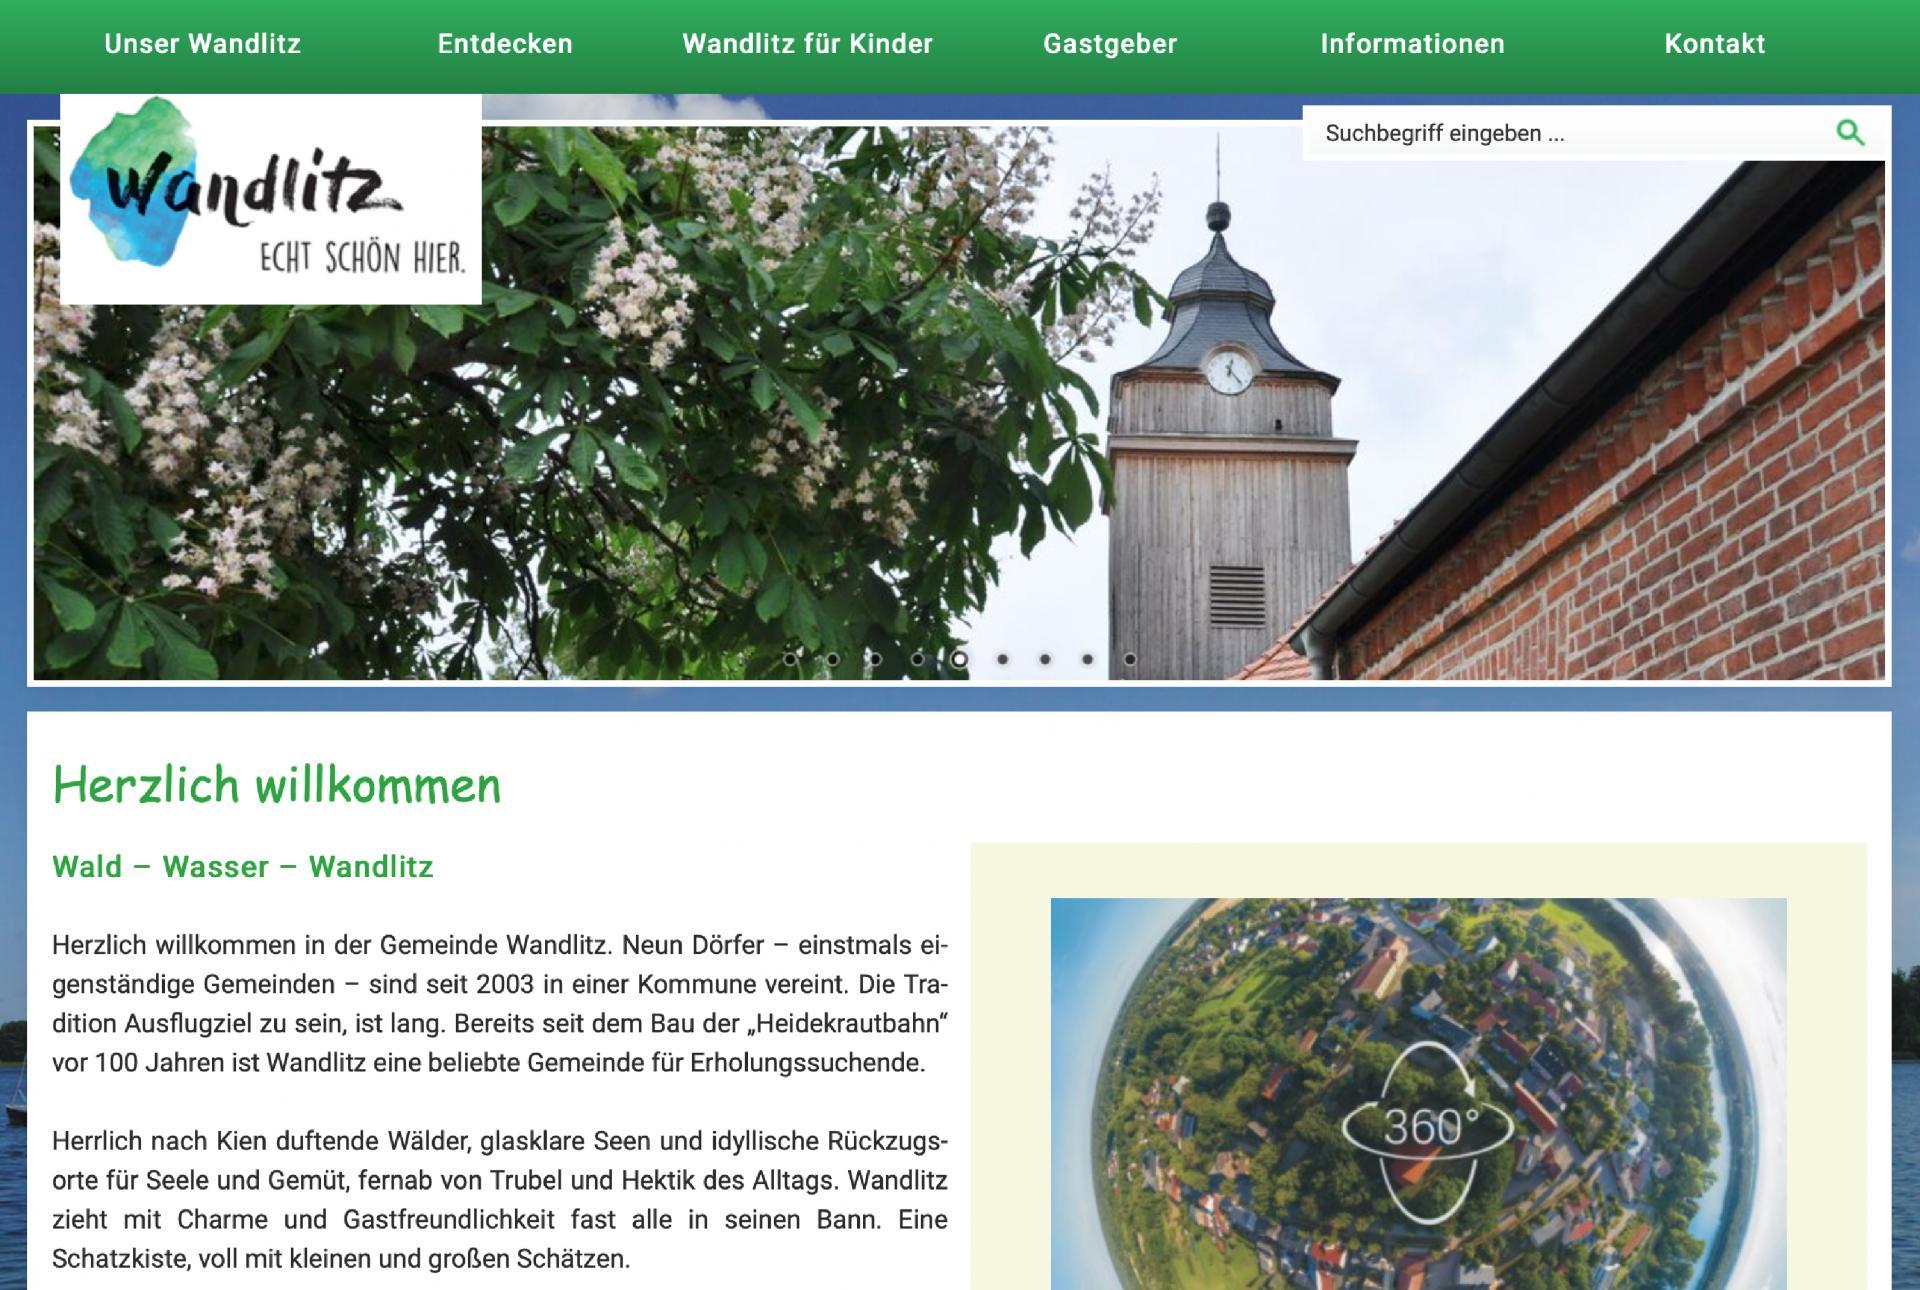 wandlitz-entdecken.de